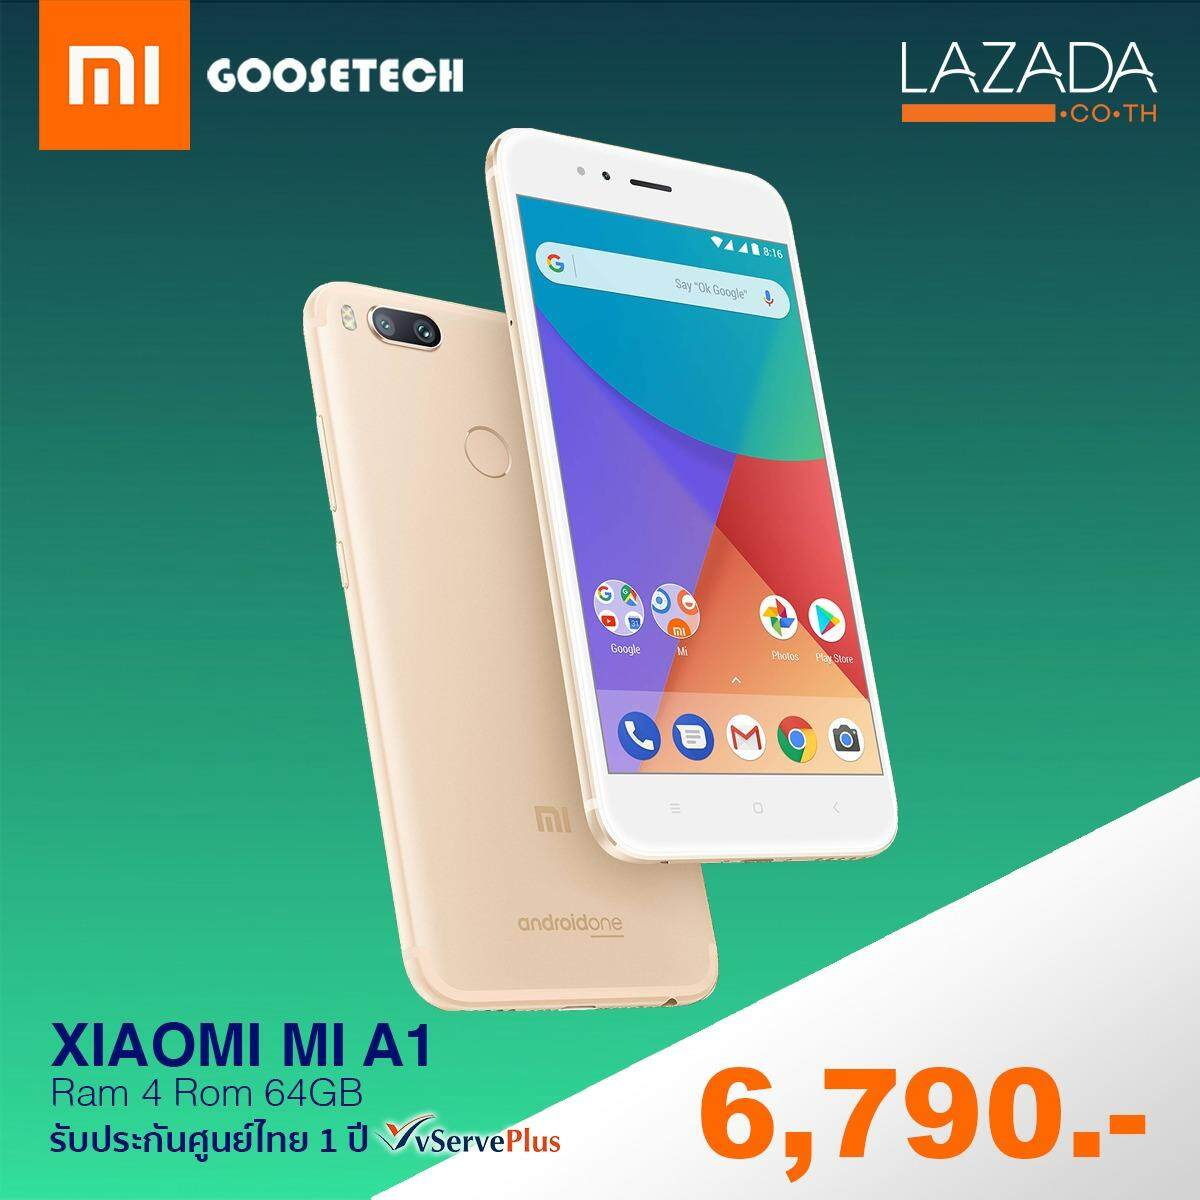 ขาย ซื้อ Xiaomi Mi A1 Ram 4 Rom 64 Gb Pure Android รับประกันศูนย์ไทย 1 ปี Vstecs กรุงเทพมหานคร